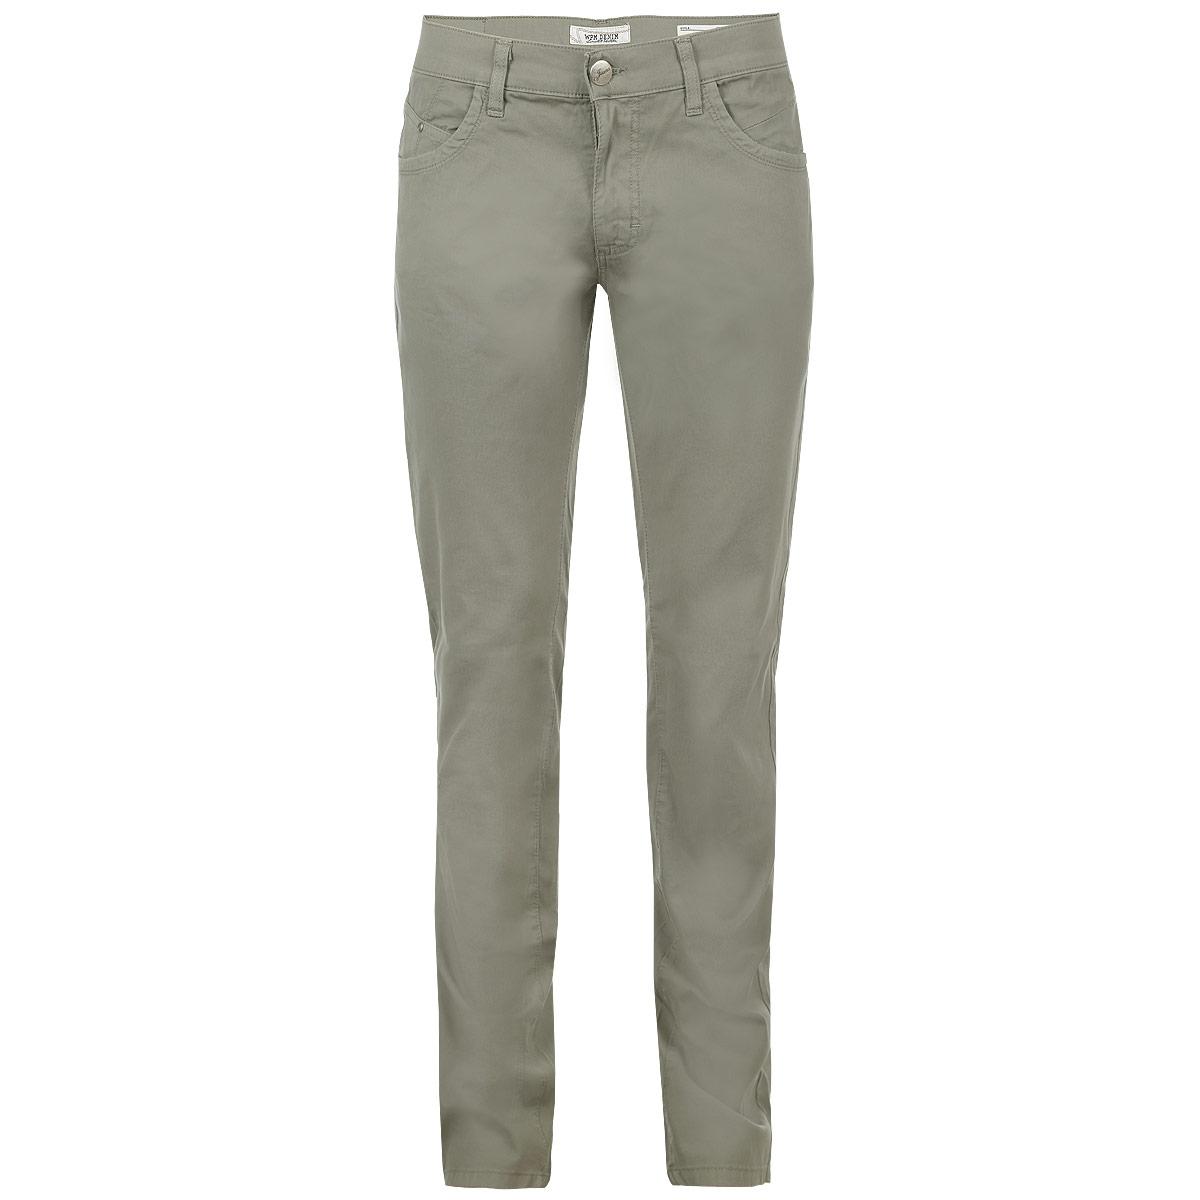 Брюки мужские. 11018 223811018 2238 000Стильные мужские брюки WPM высочайшего качества, слегка зауженного к низу кроя и средней посадки, станут отличным дополнением к вашему современному образу. Застегиваются брюки на пуговицу и ширинку на застежке-молнии, имеются шлевки для ремня. Спереди модель оформлена двумя втачными карманами и двумя небольшими секретными кармашками, а сзади - двумя накладными карманами на пуговицах. Эти модные и в тоже время комфортные брюки послужат отличным дополнением к вашему гардеробу. В них вы всегда будете чувствовать себя уютно и комфортно.